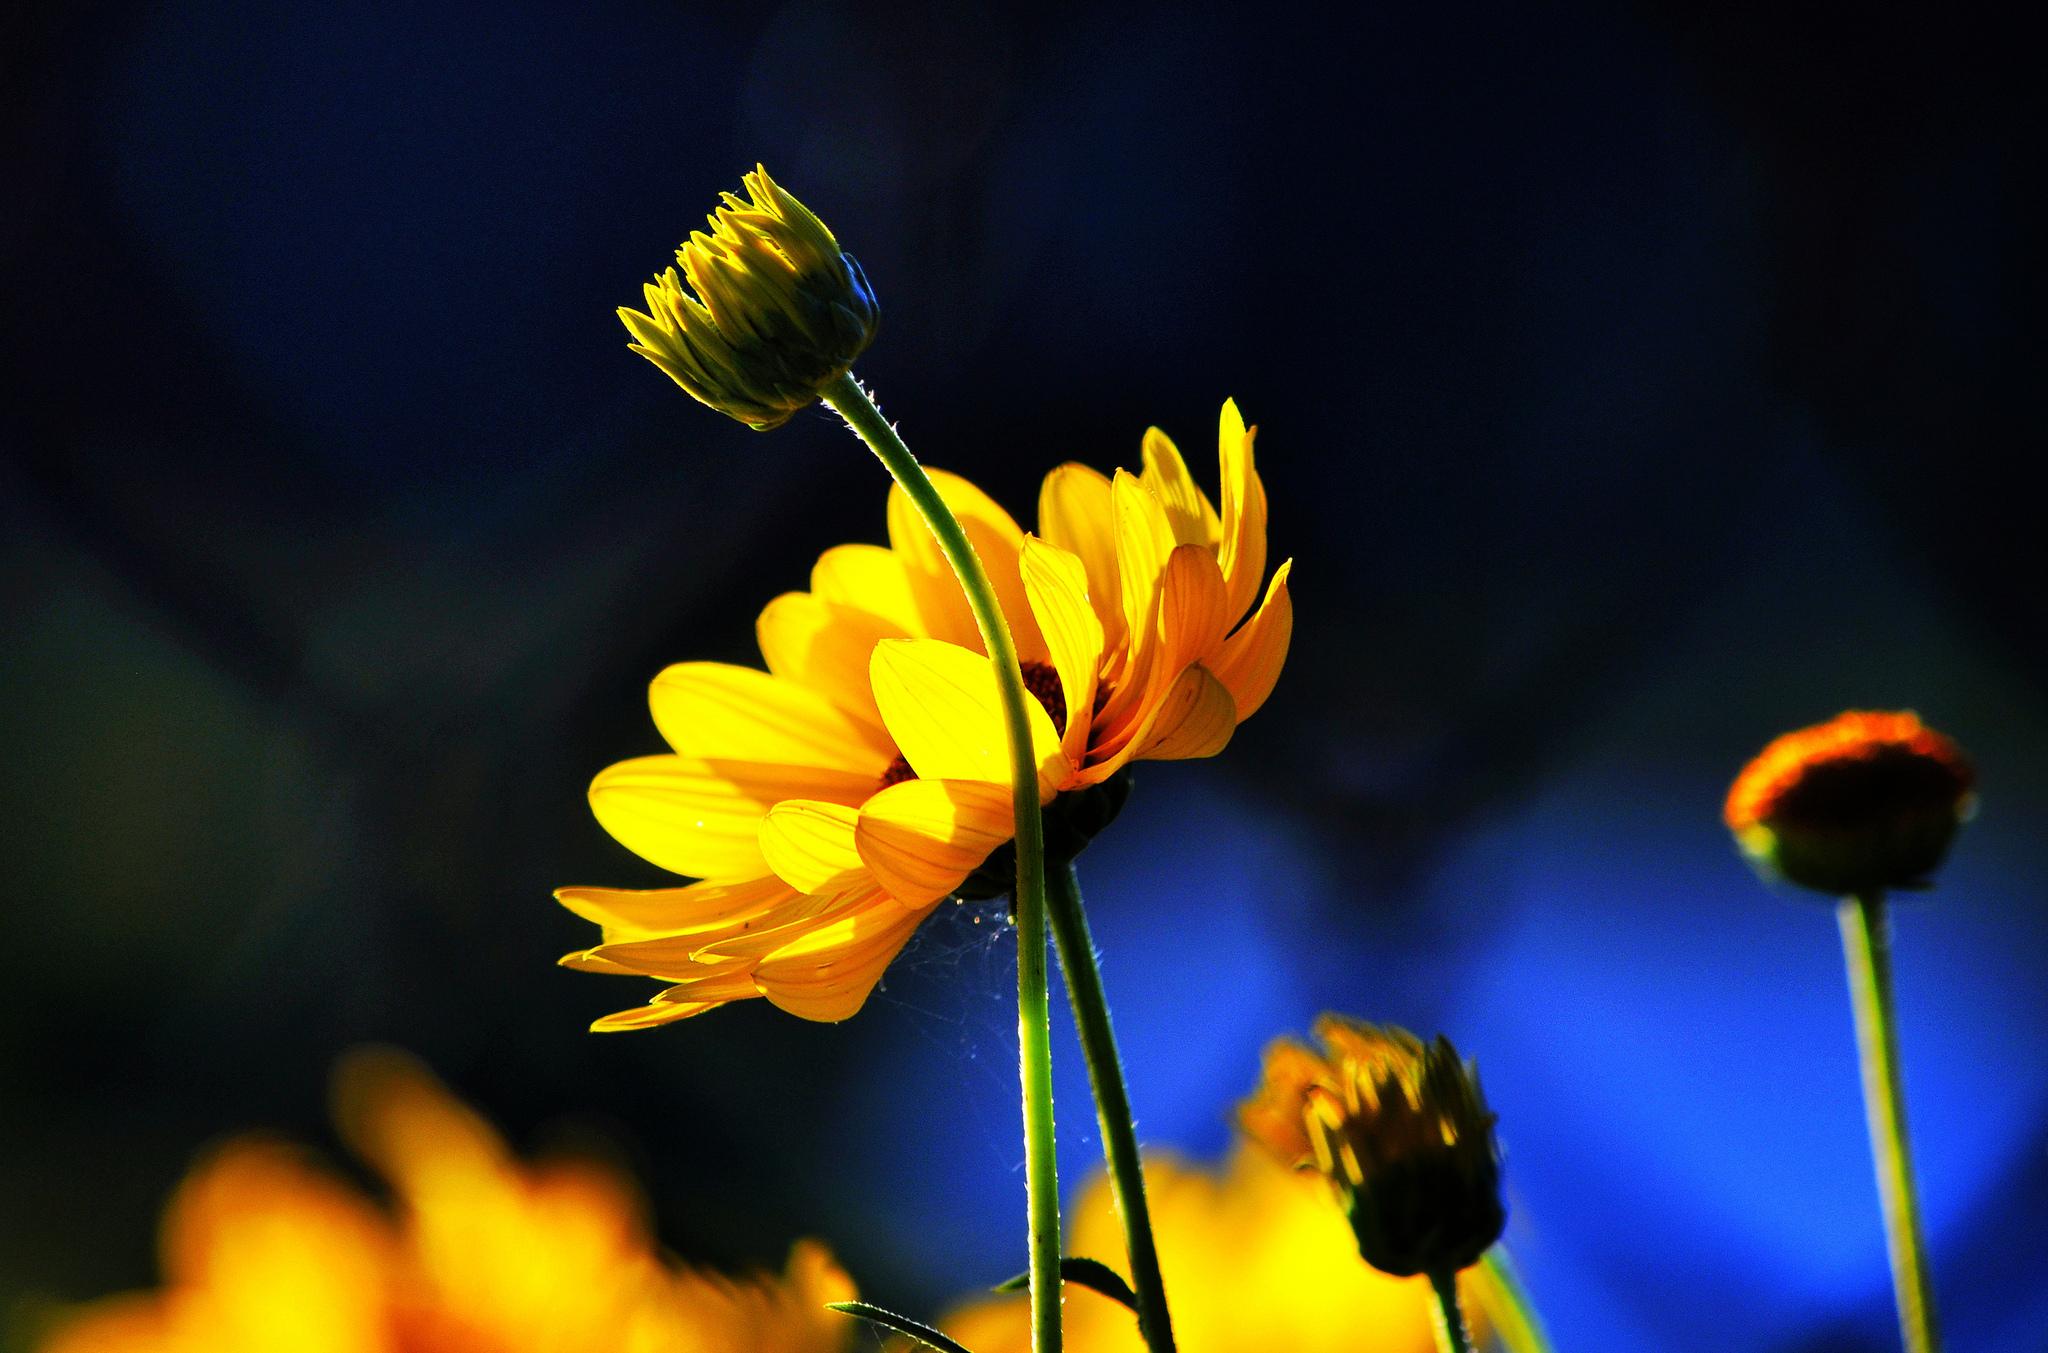 картинки желтые цветы на синем фоне цвет гиацинтов придает